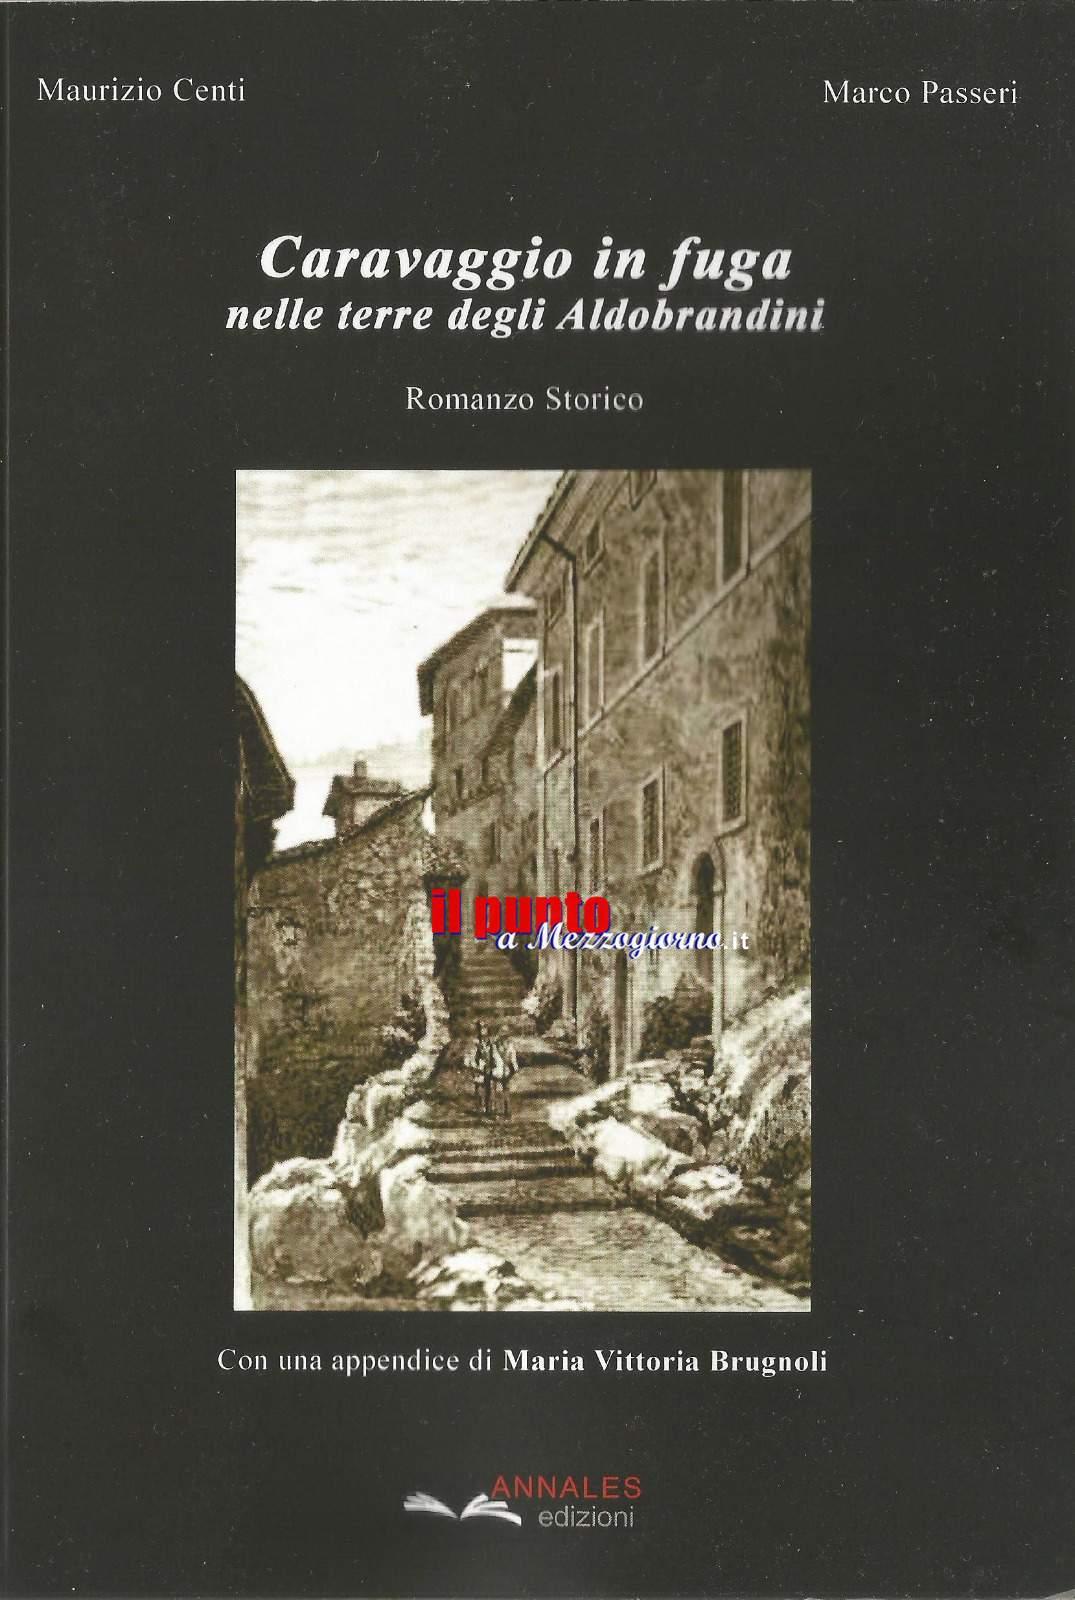 Caravaggio in fuga nelle terre degli Aldobrandini. Attesa a Carpineto Romano per la presentazione del volume di Centi e Passeri